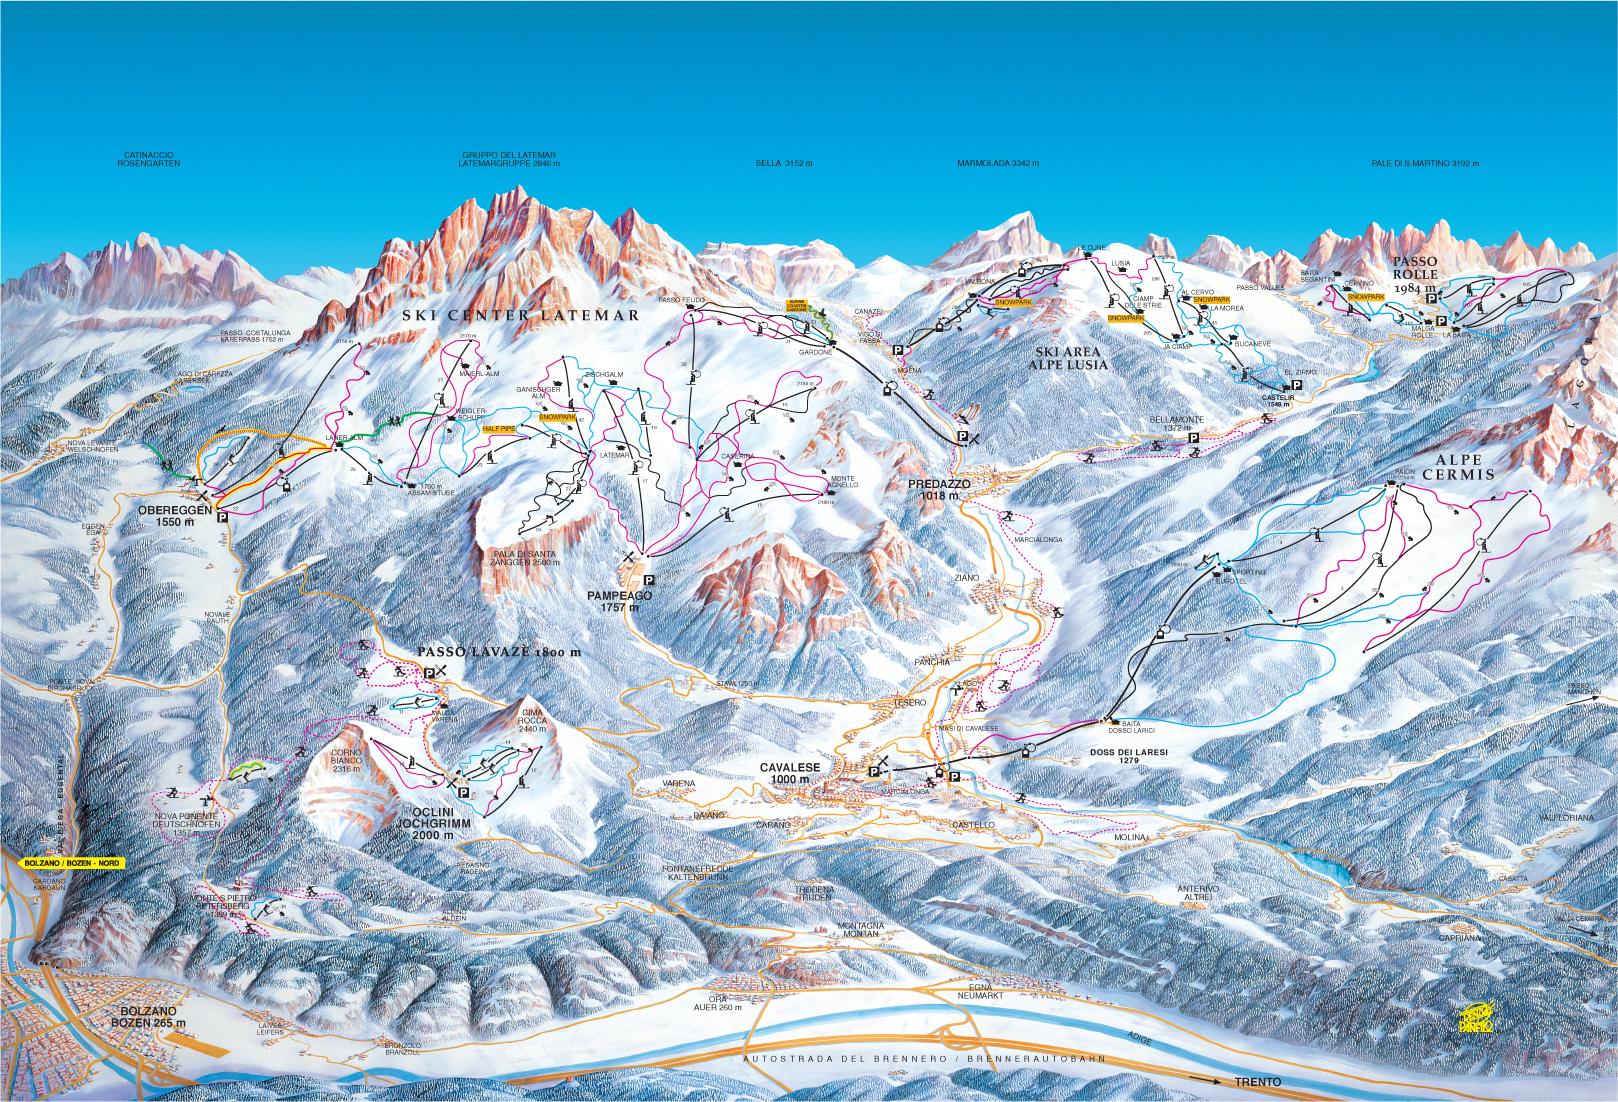 cartina di località e piste da sci in Val di Fiemme